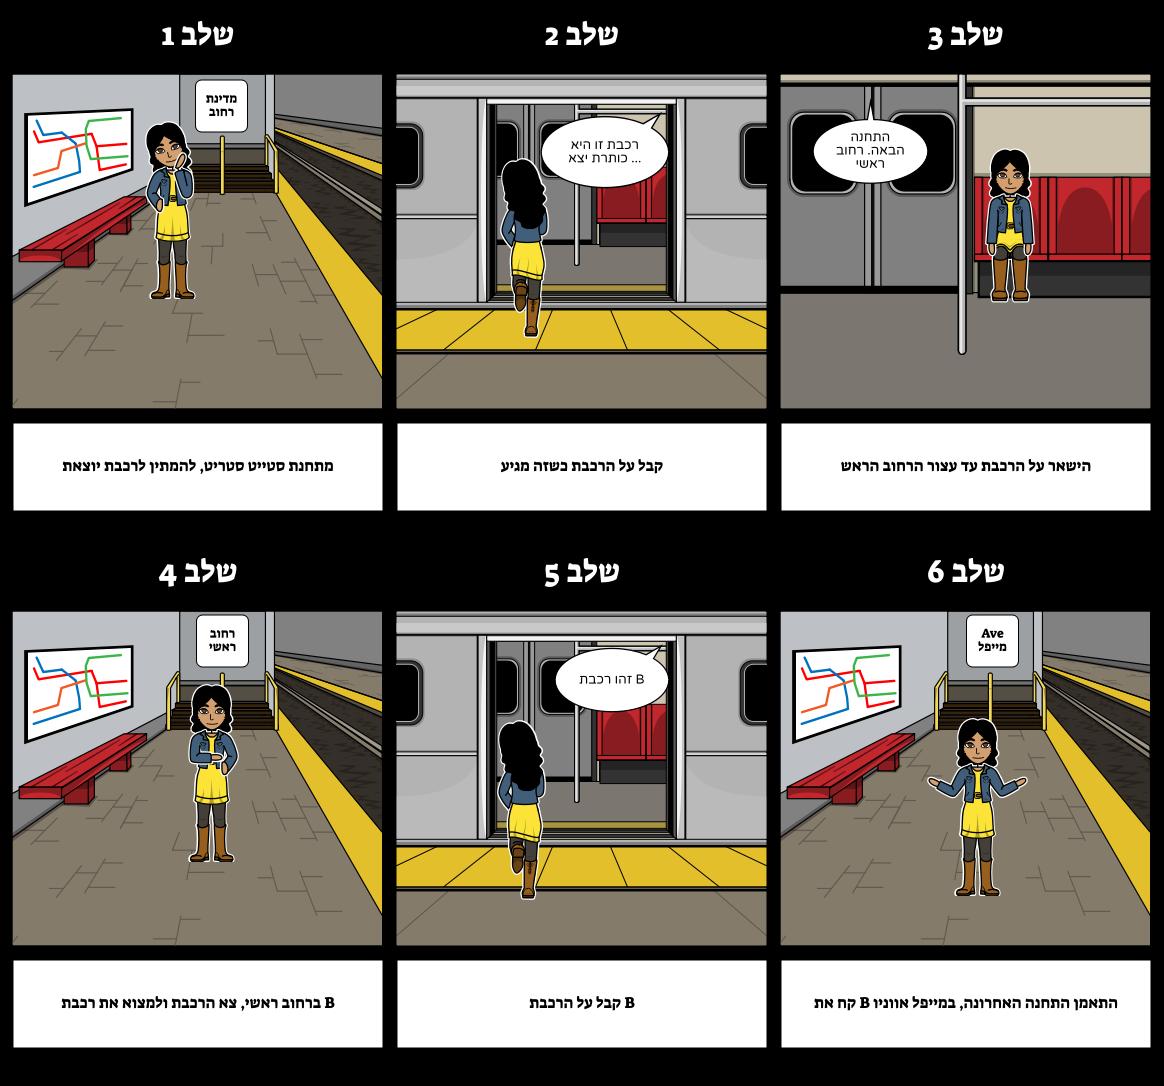 איך לוחות - תחבורה ציבורית